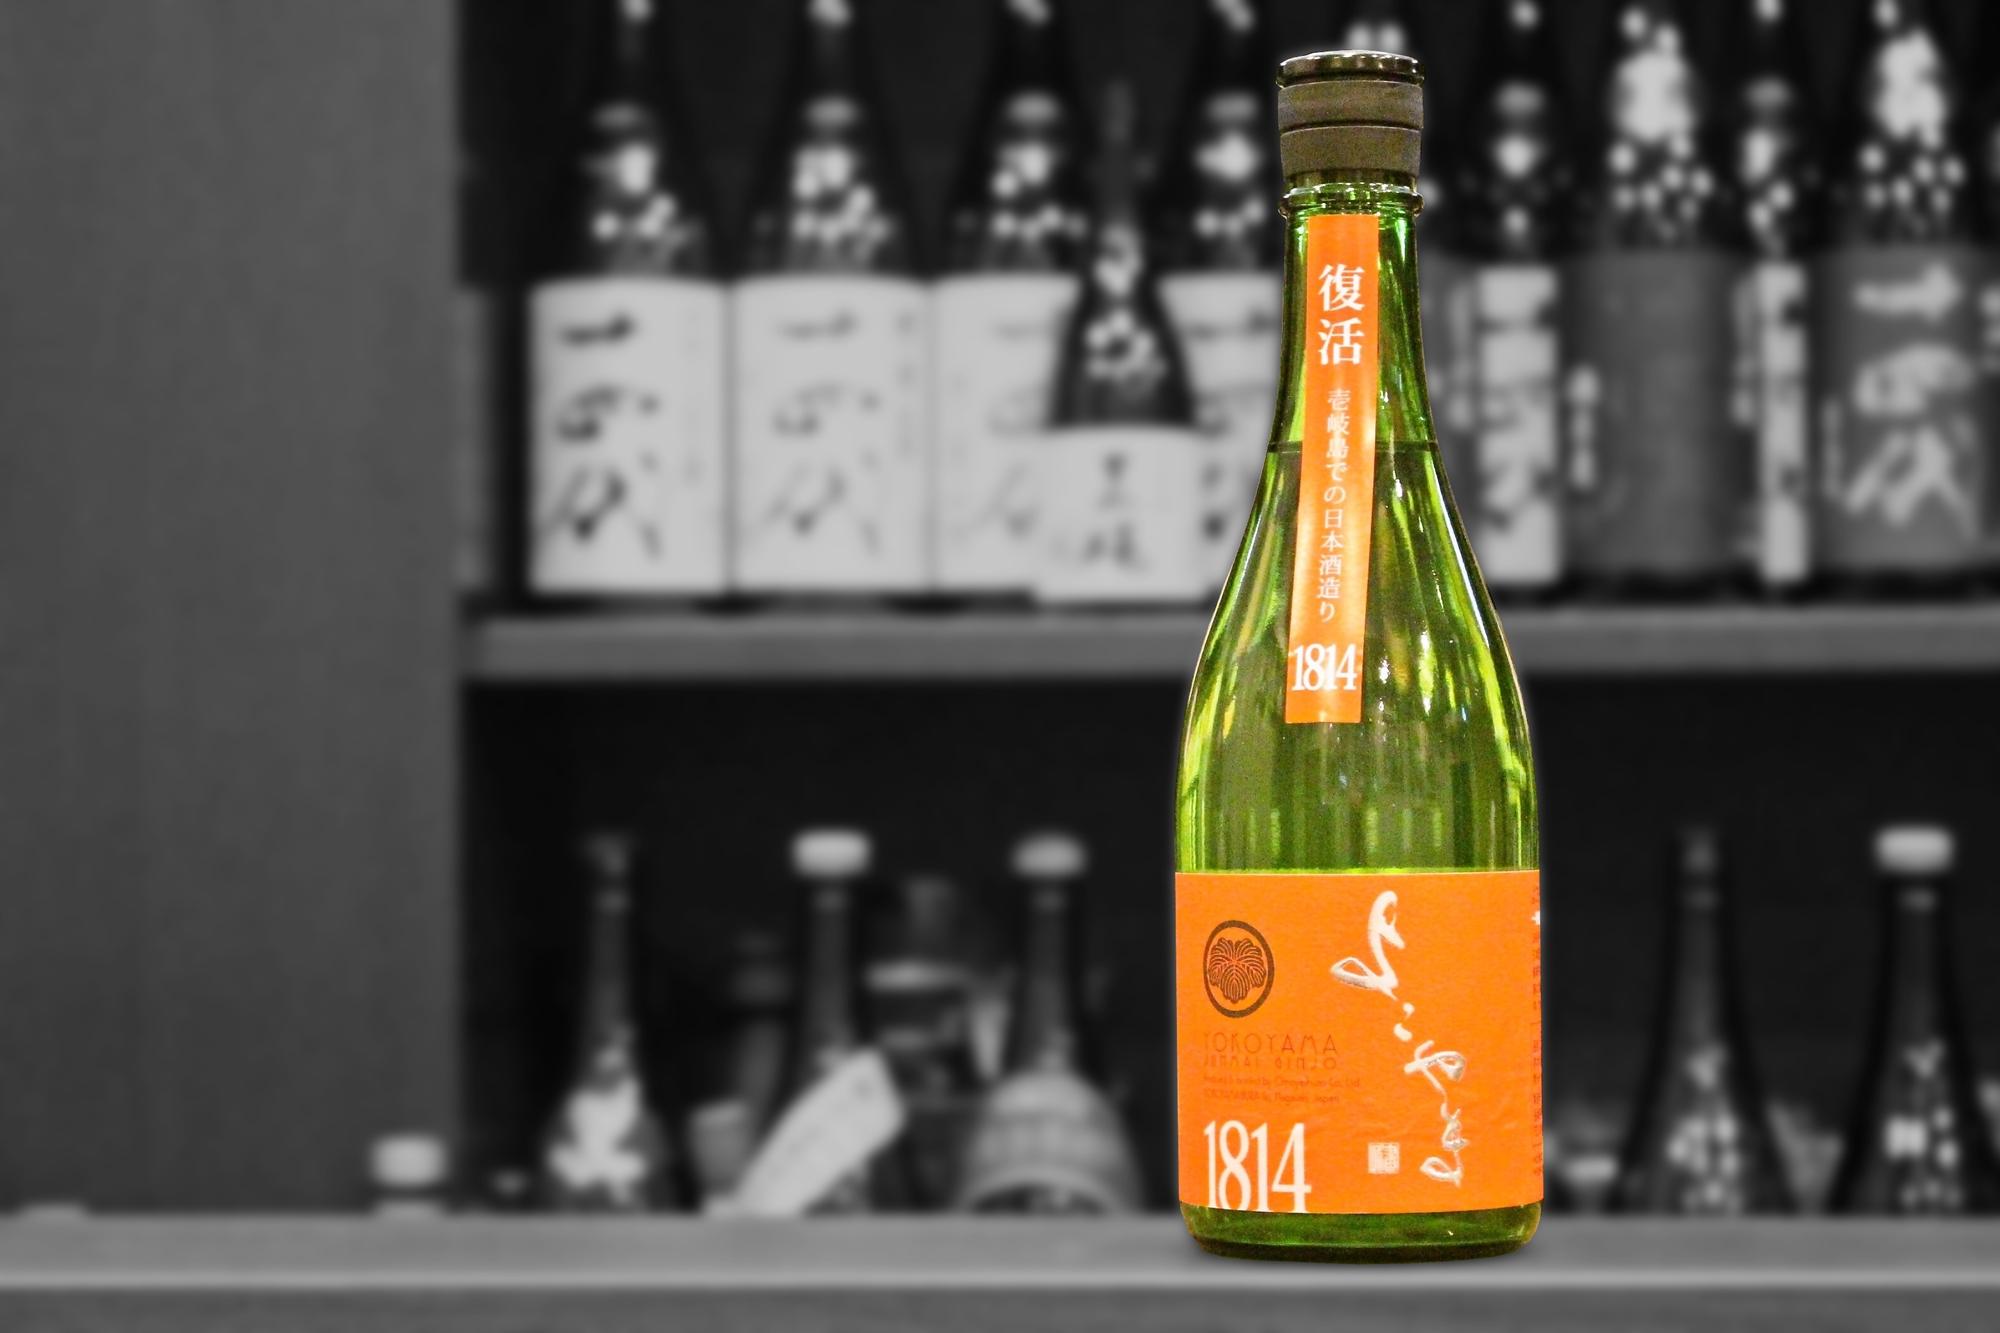 よこやま純米吟醸SILVER1814202102-001